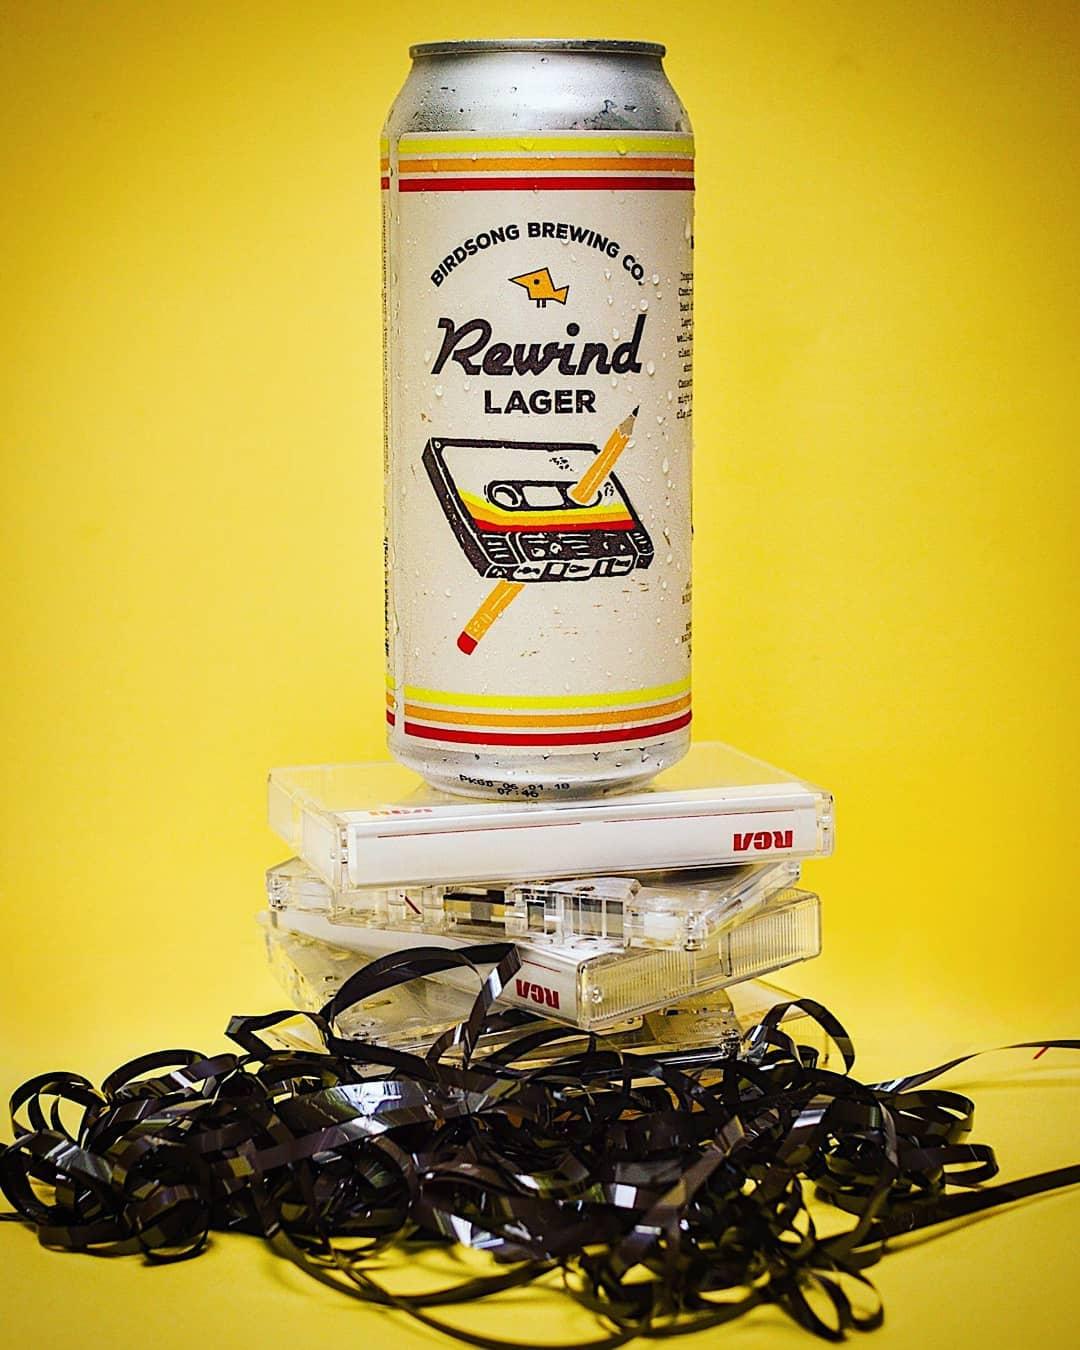 Rewind Lager